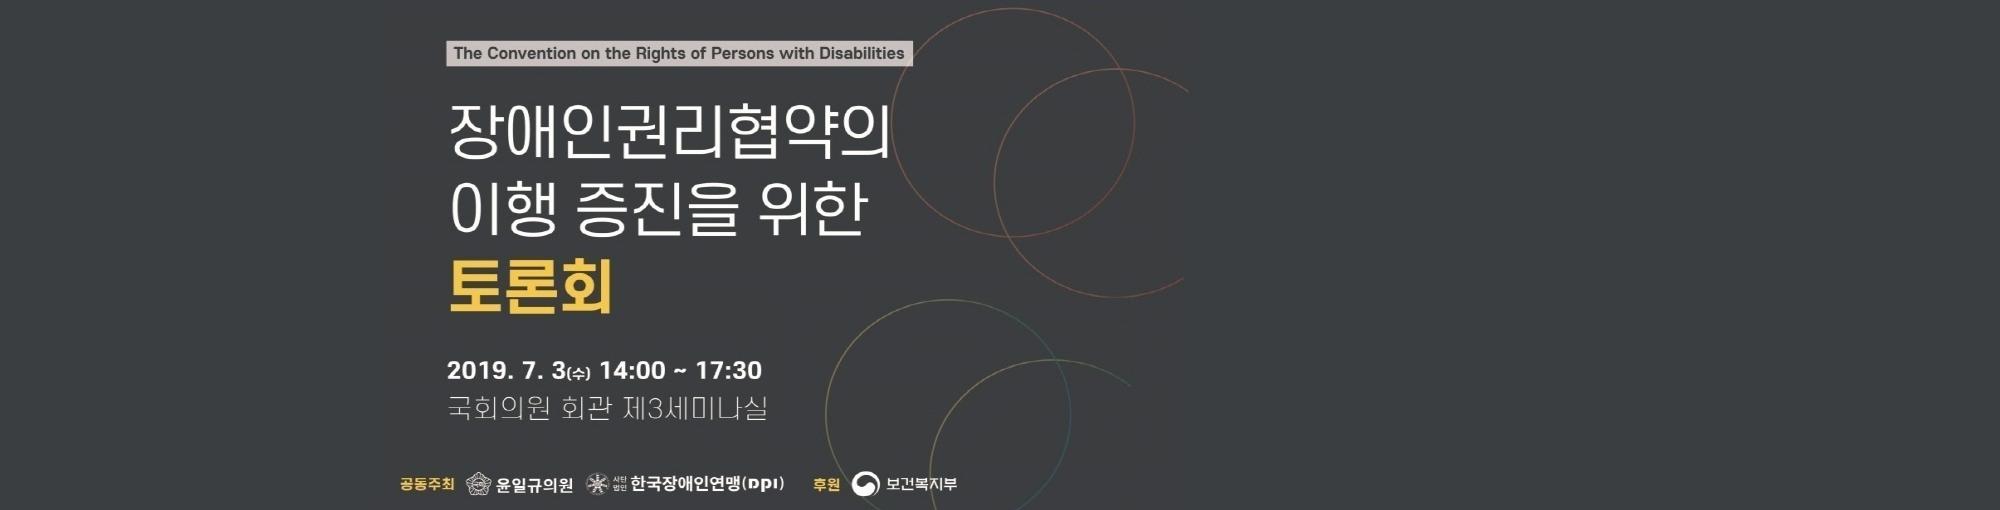 ○ 장애인권리협약의 이행증진을 위한 토론회